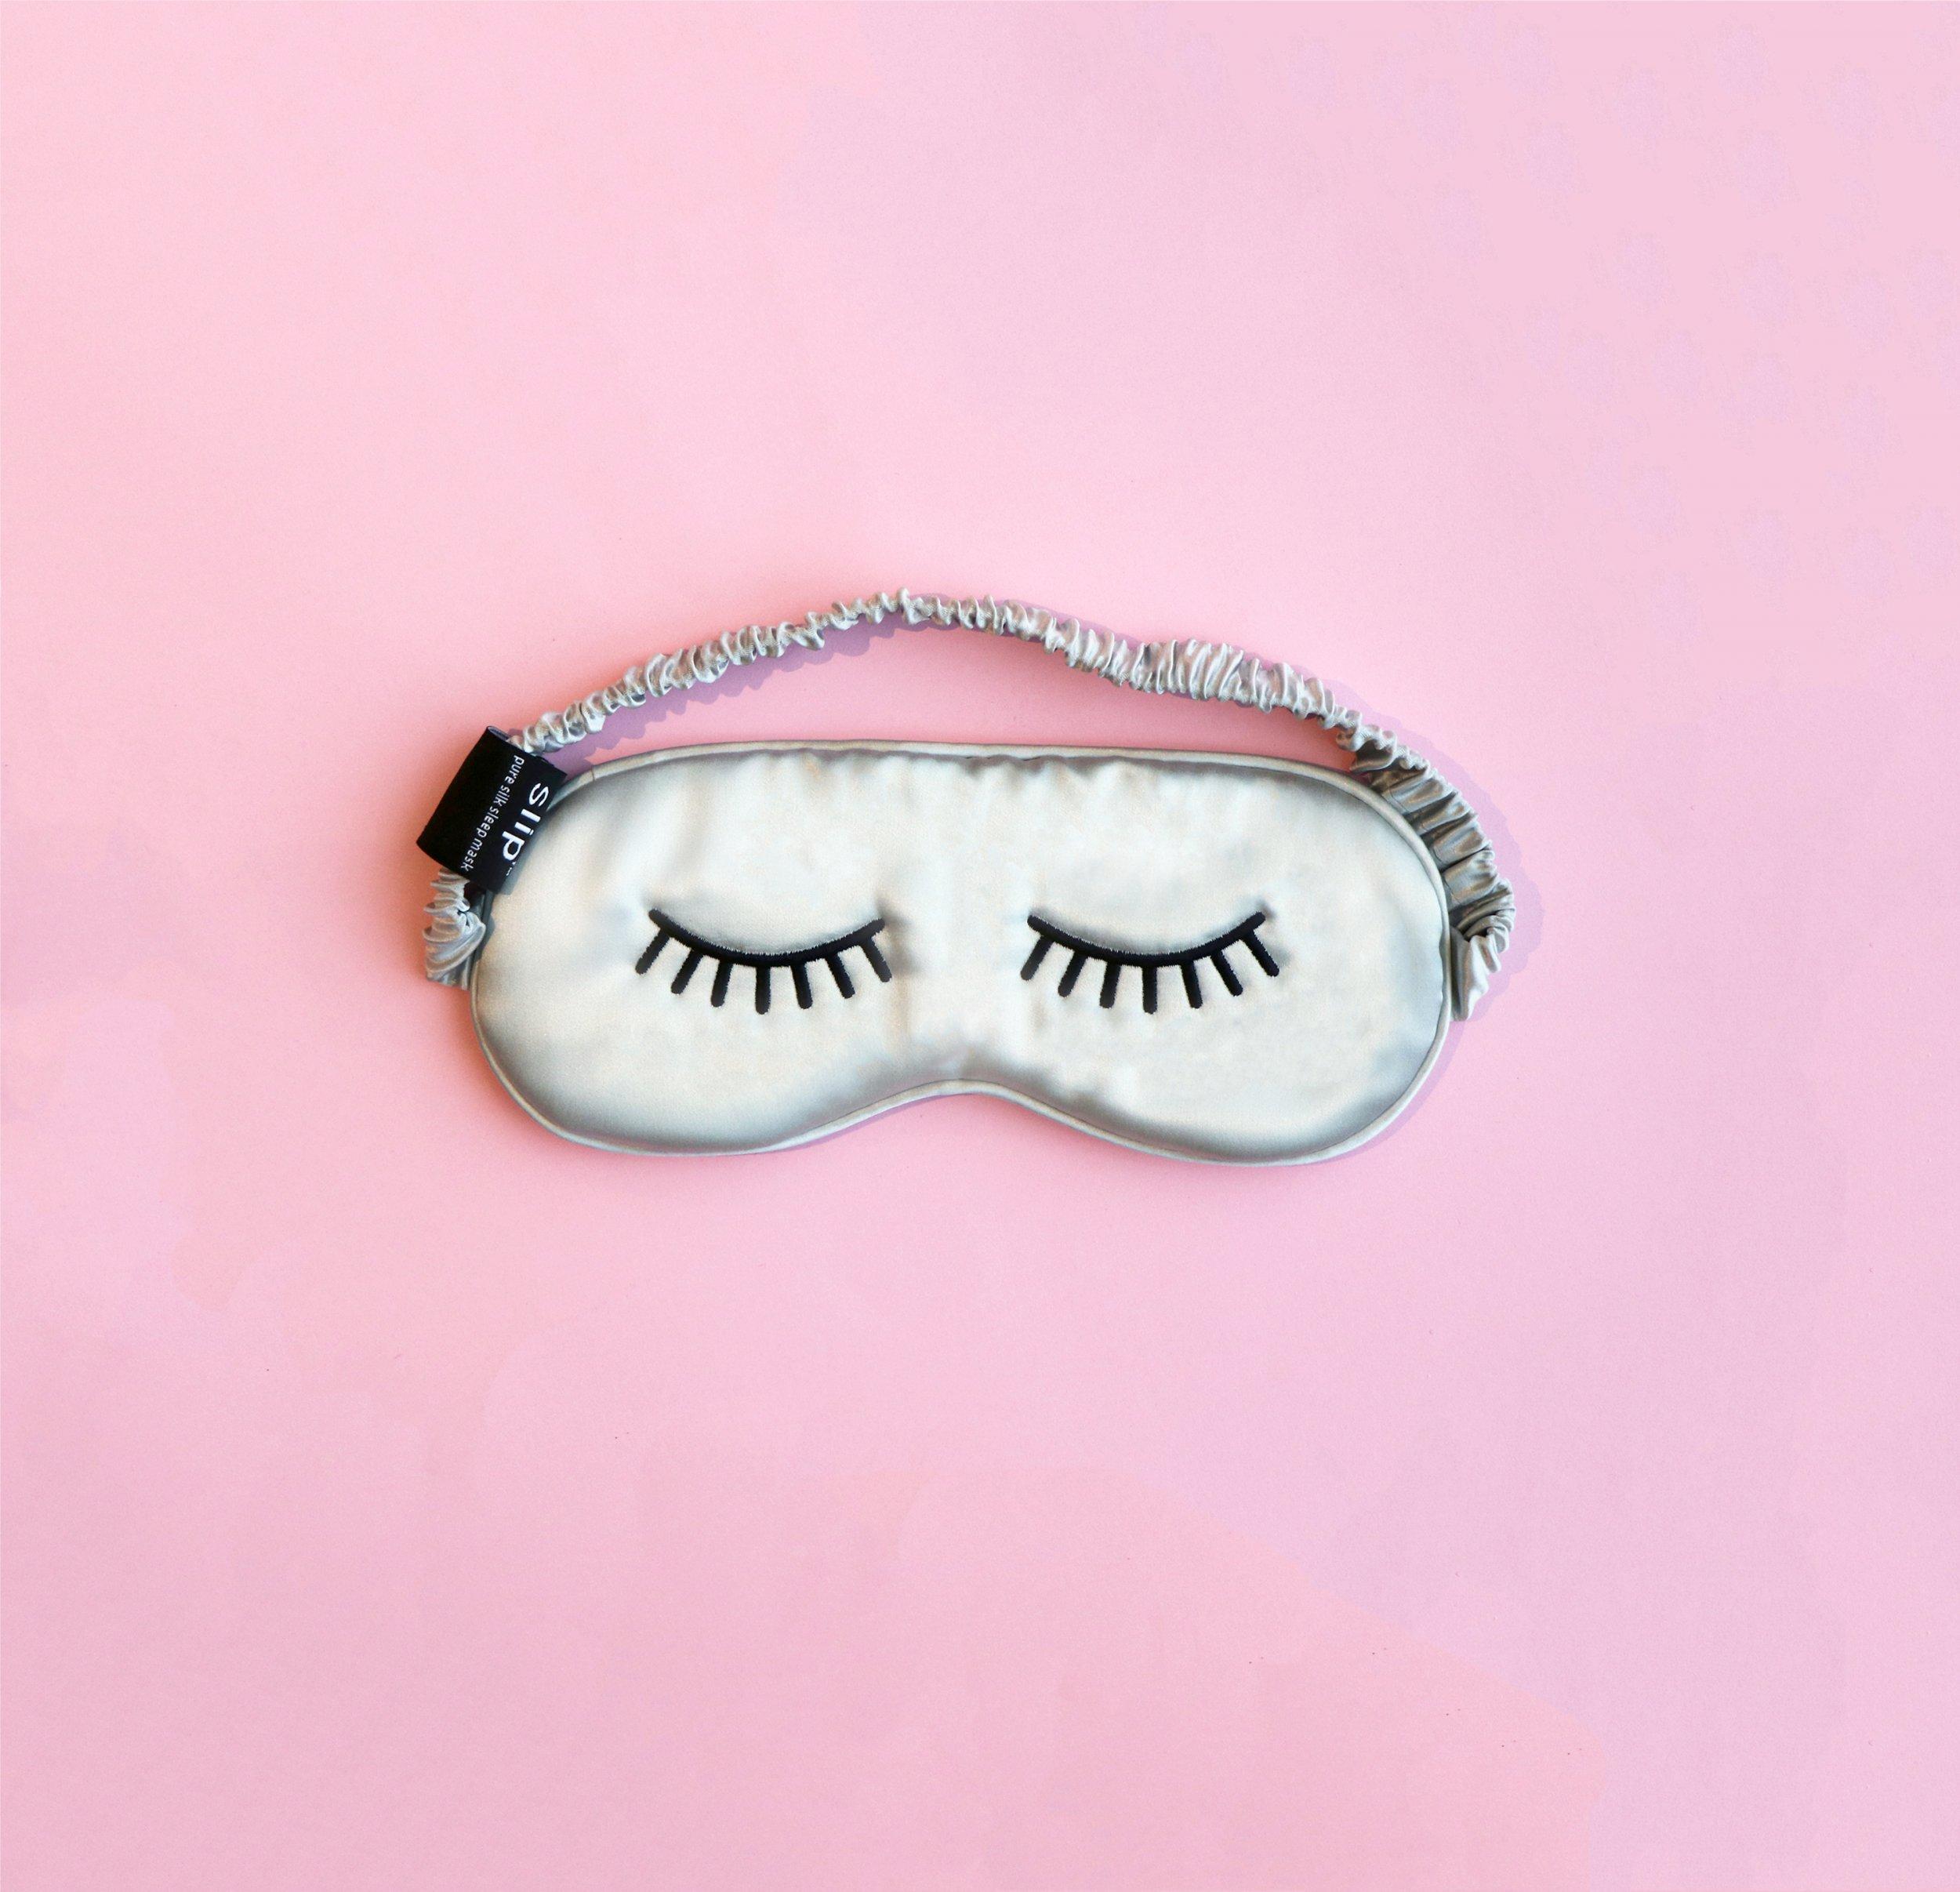 Slip Lashes Sleep Mask on Pink Background